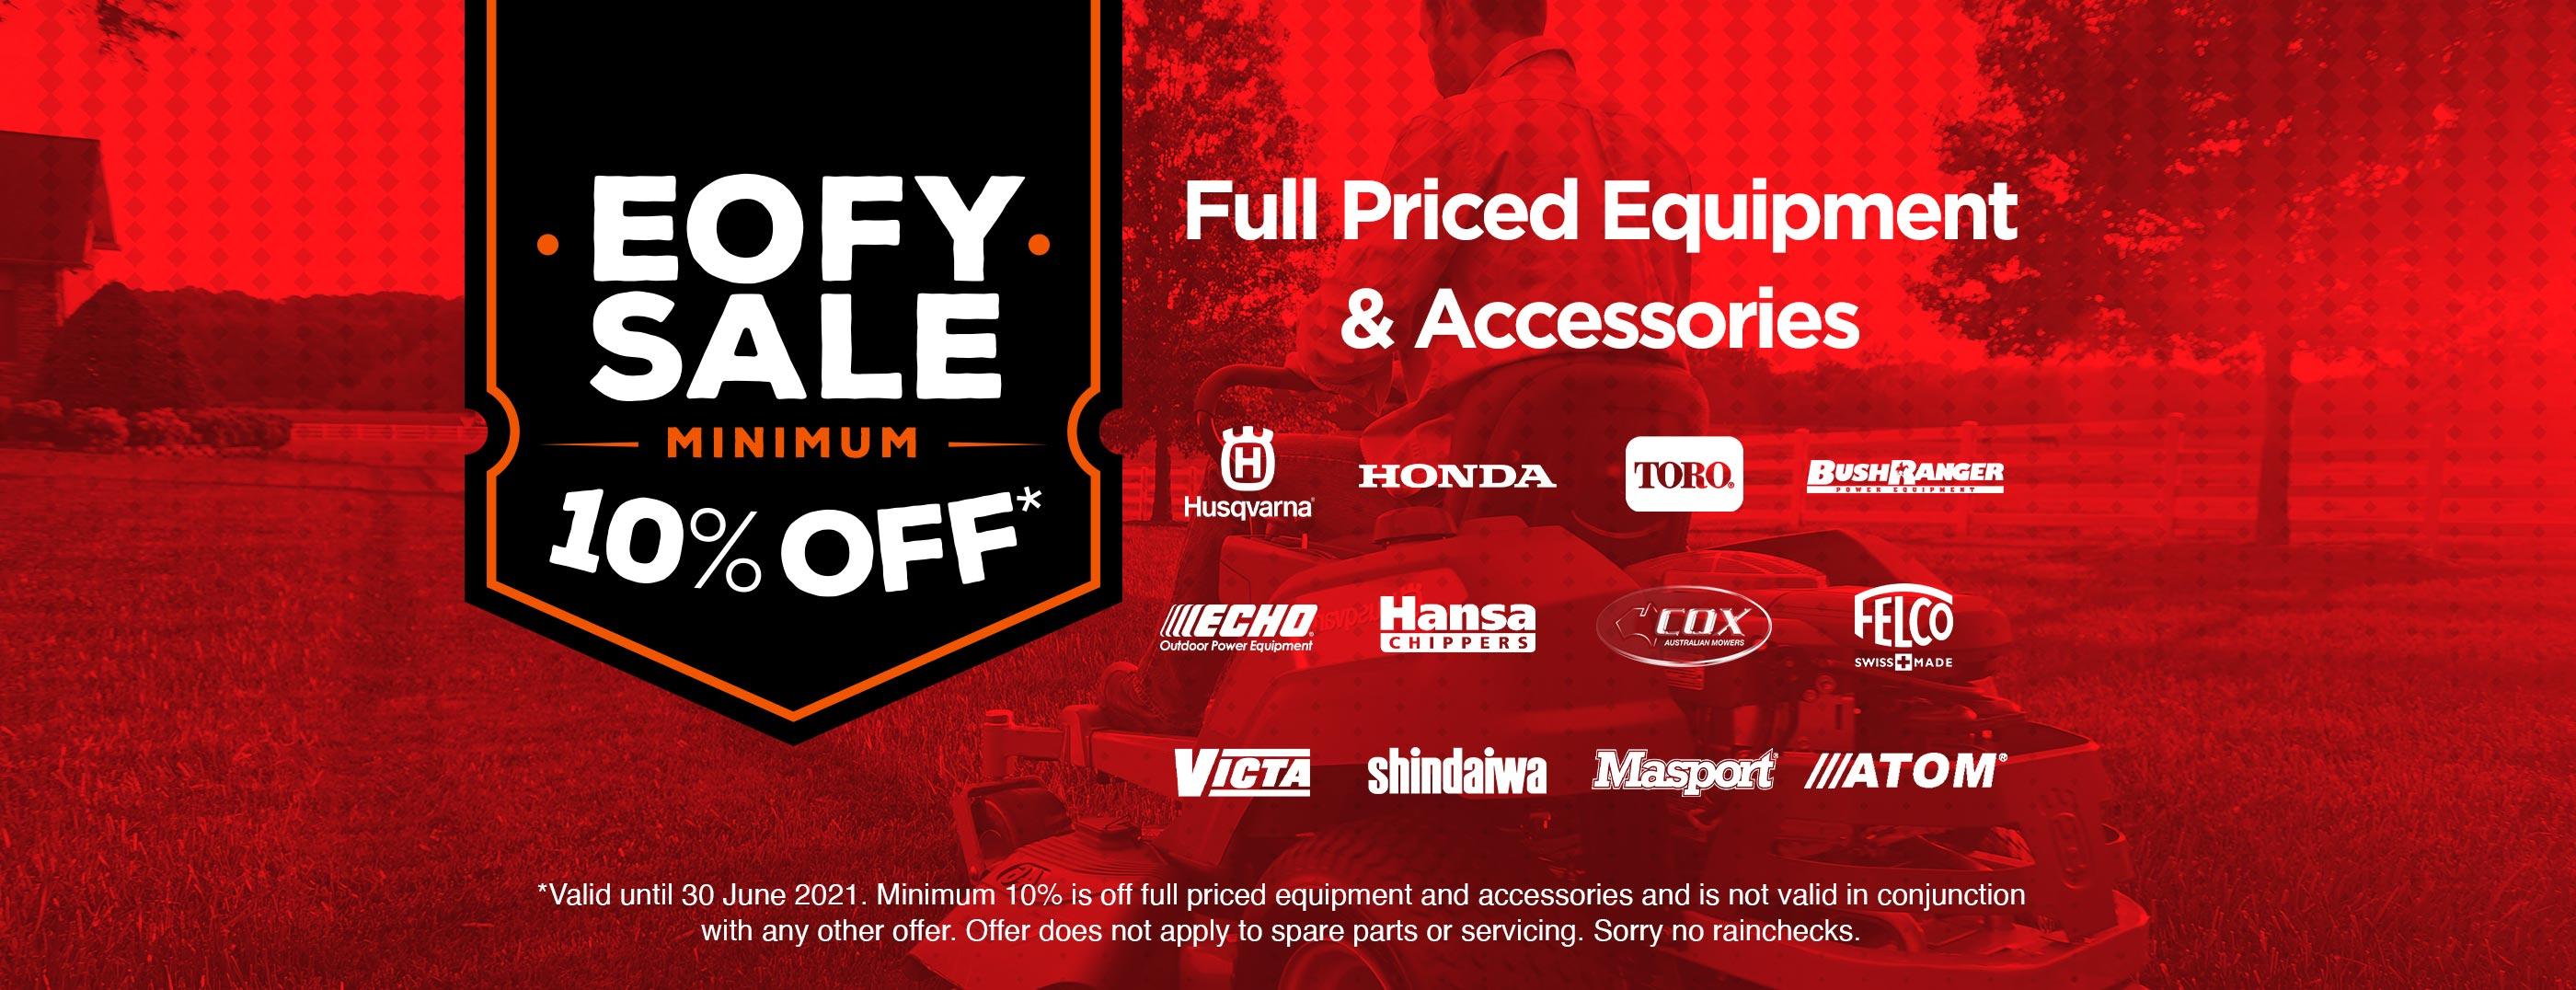 EOFY Sale, Minimum 10% Off Full Priced Equipment & Accessories